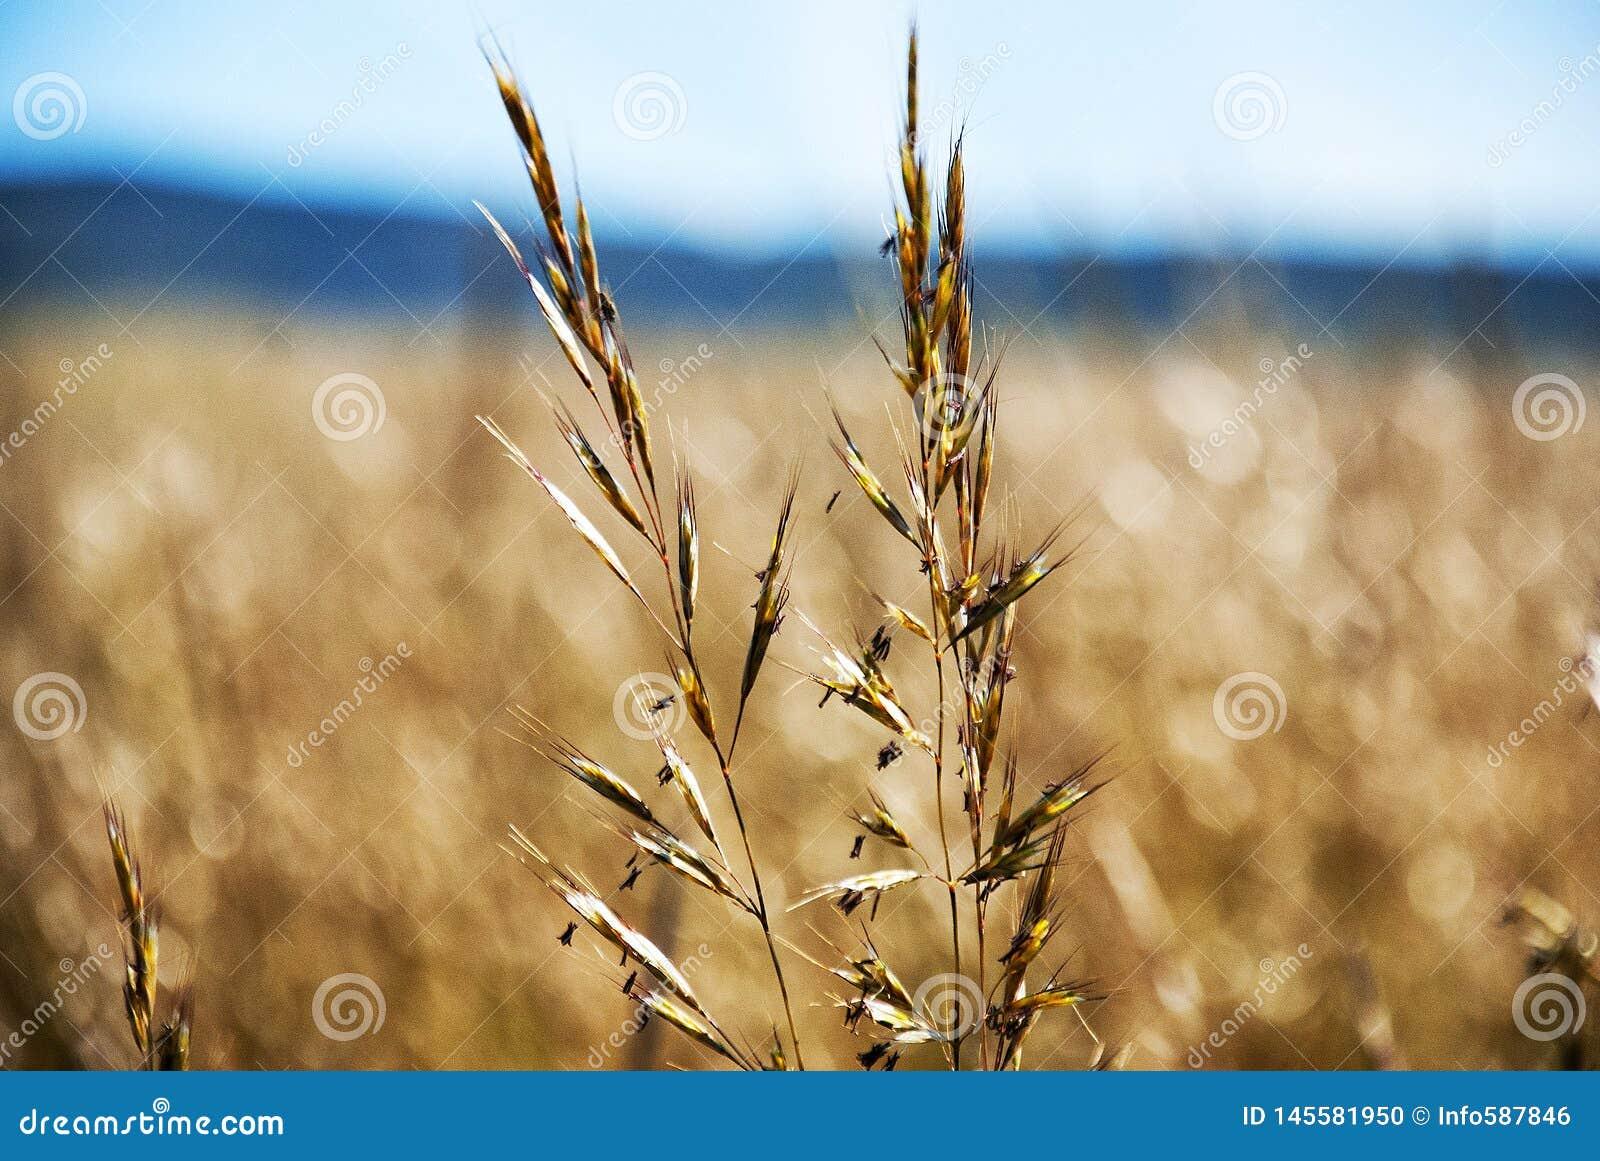 Gele tarwe in de zomer